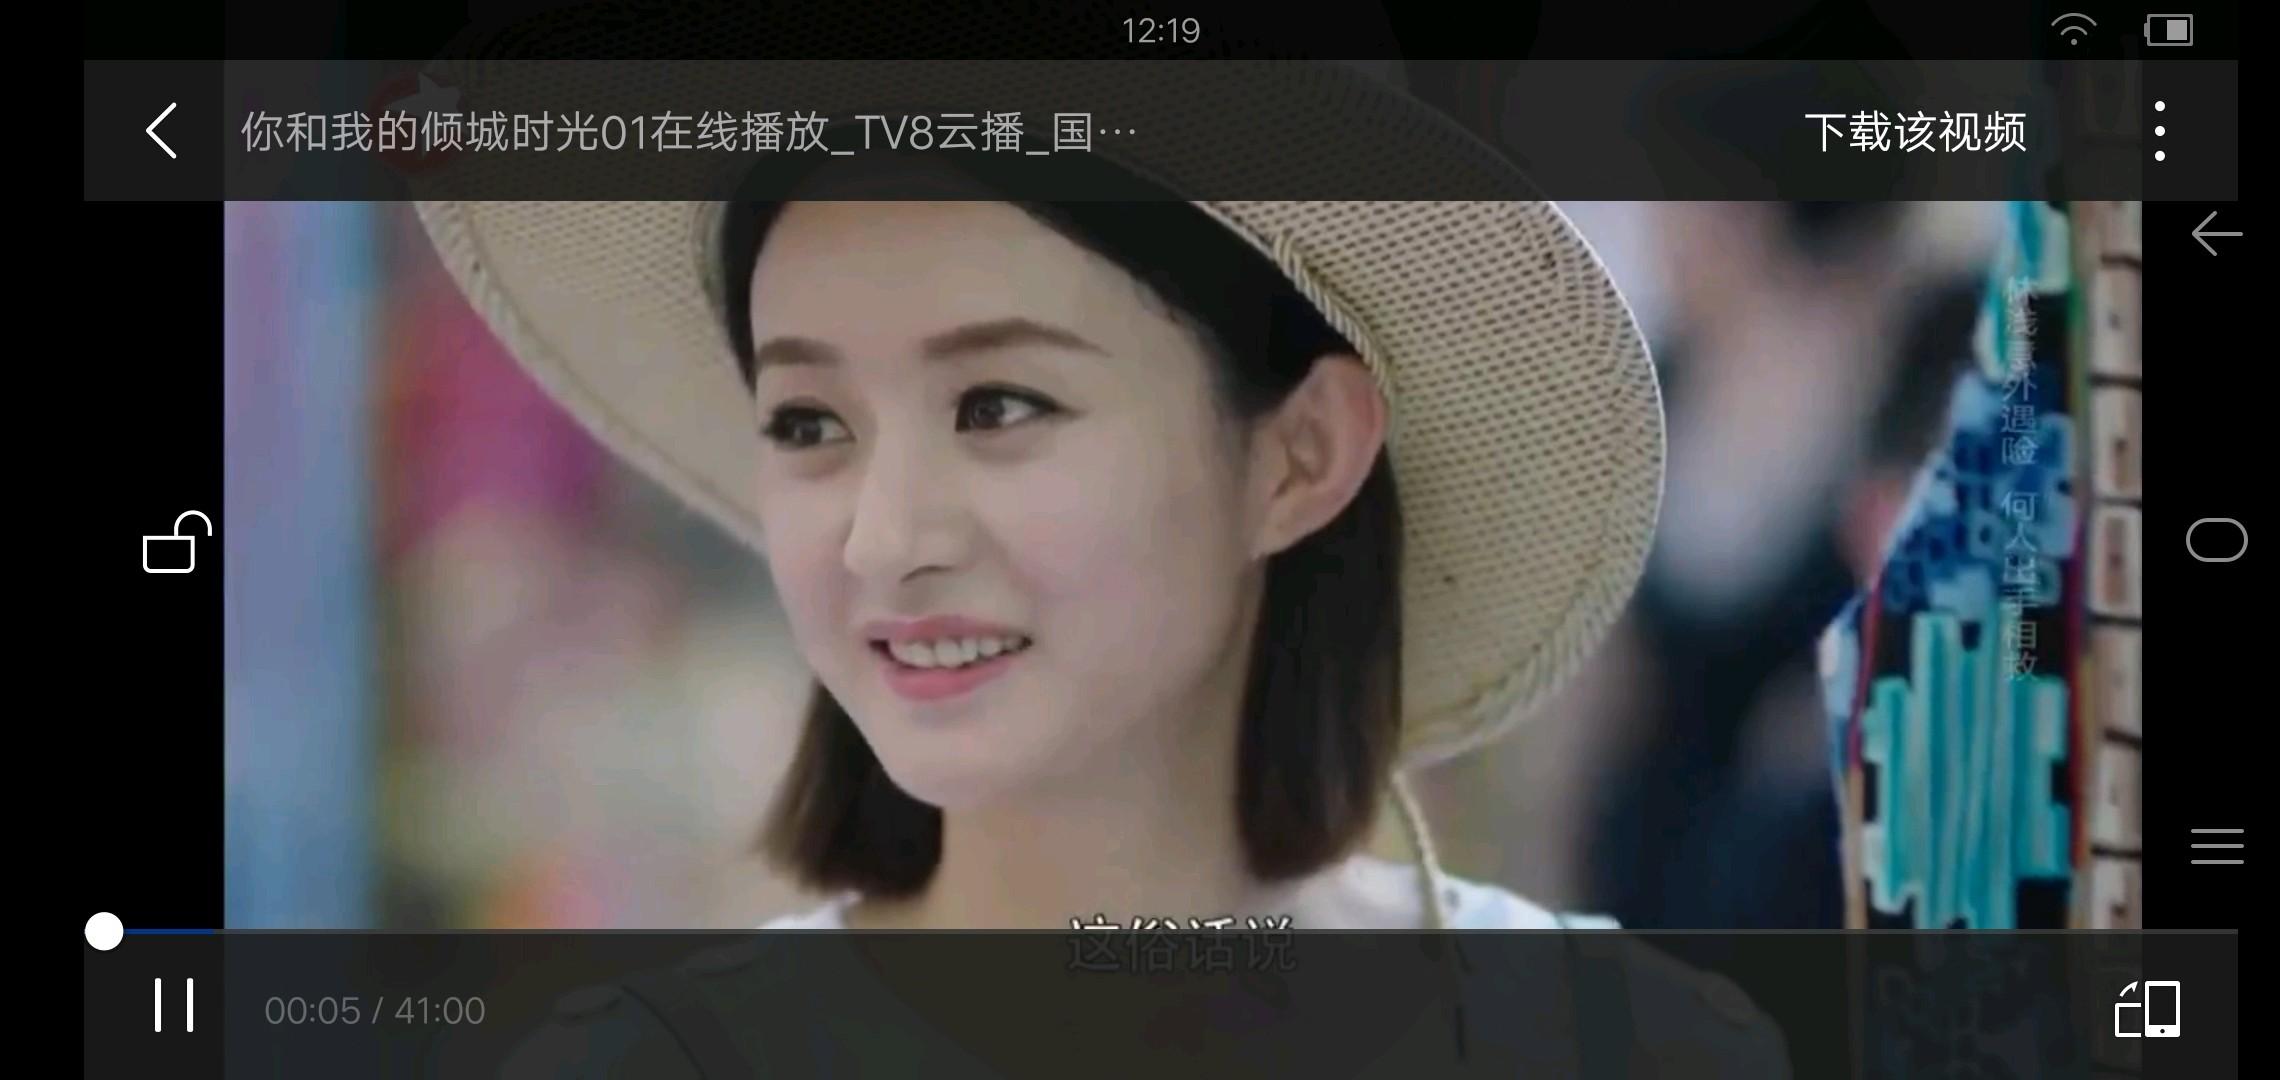 Screenshot_20181209_121907.jpg